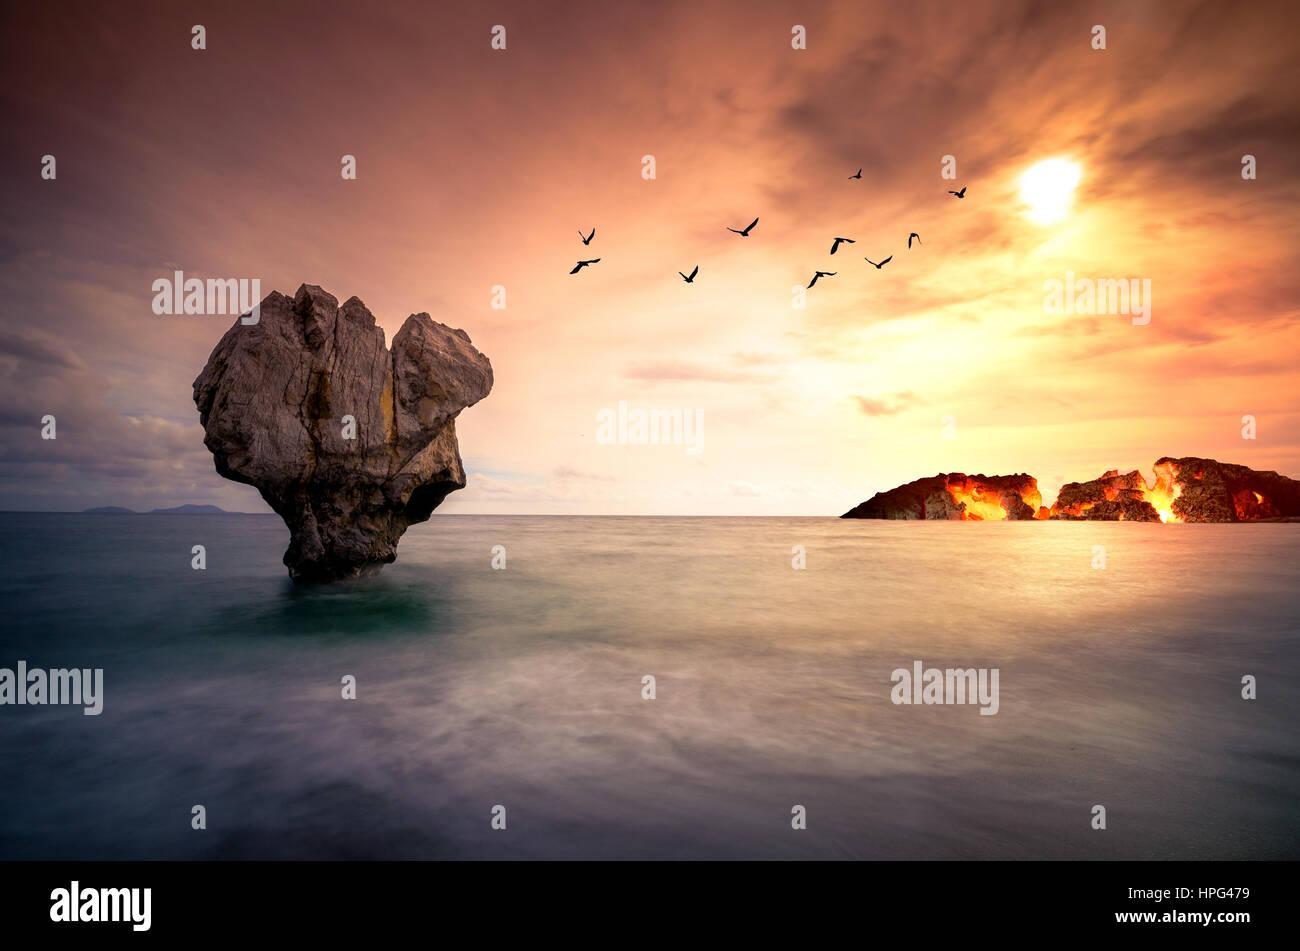 Fine art avec lonely rock sculpture dans la mer avec des silhouettes d'oiseaux et d'une île sous le Photo Stock